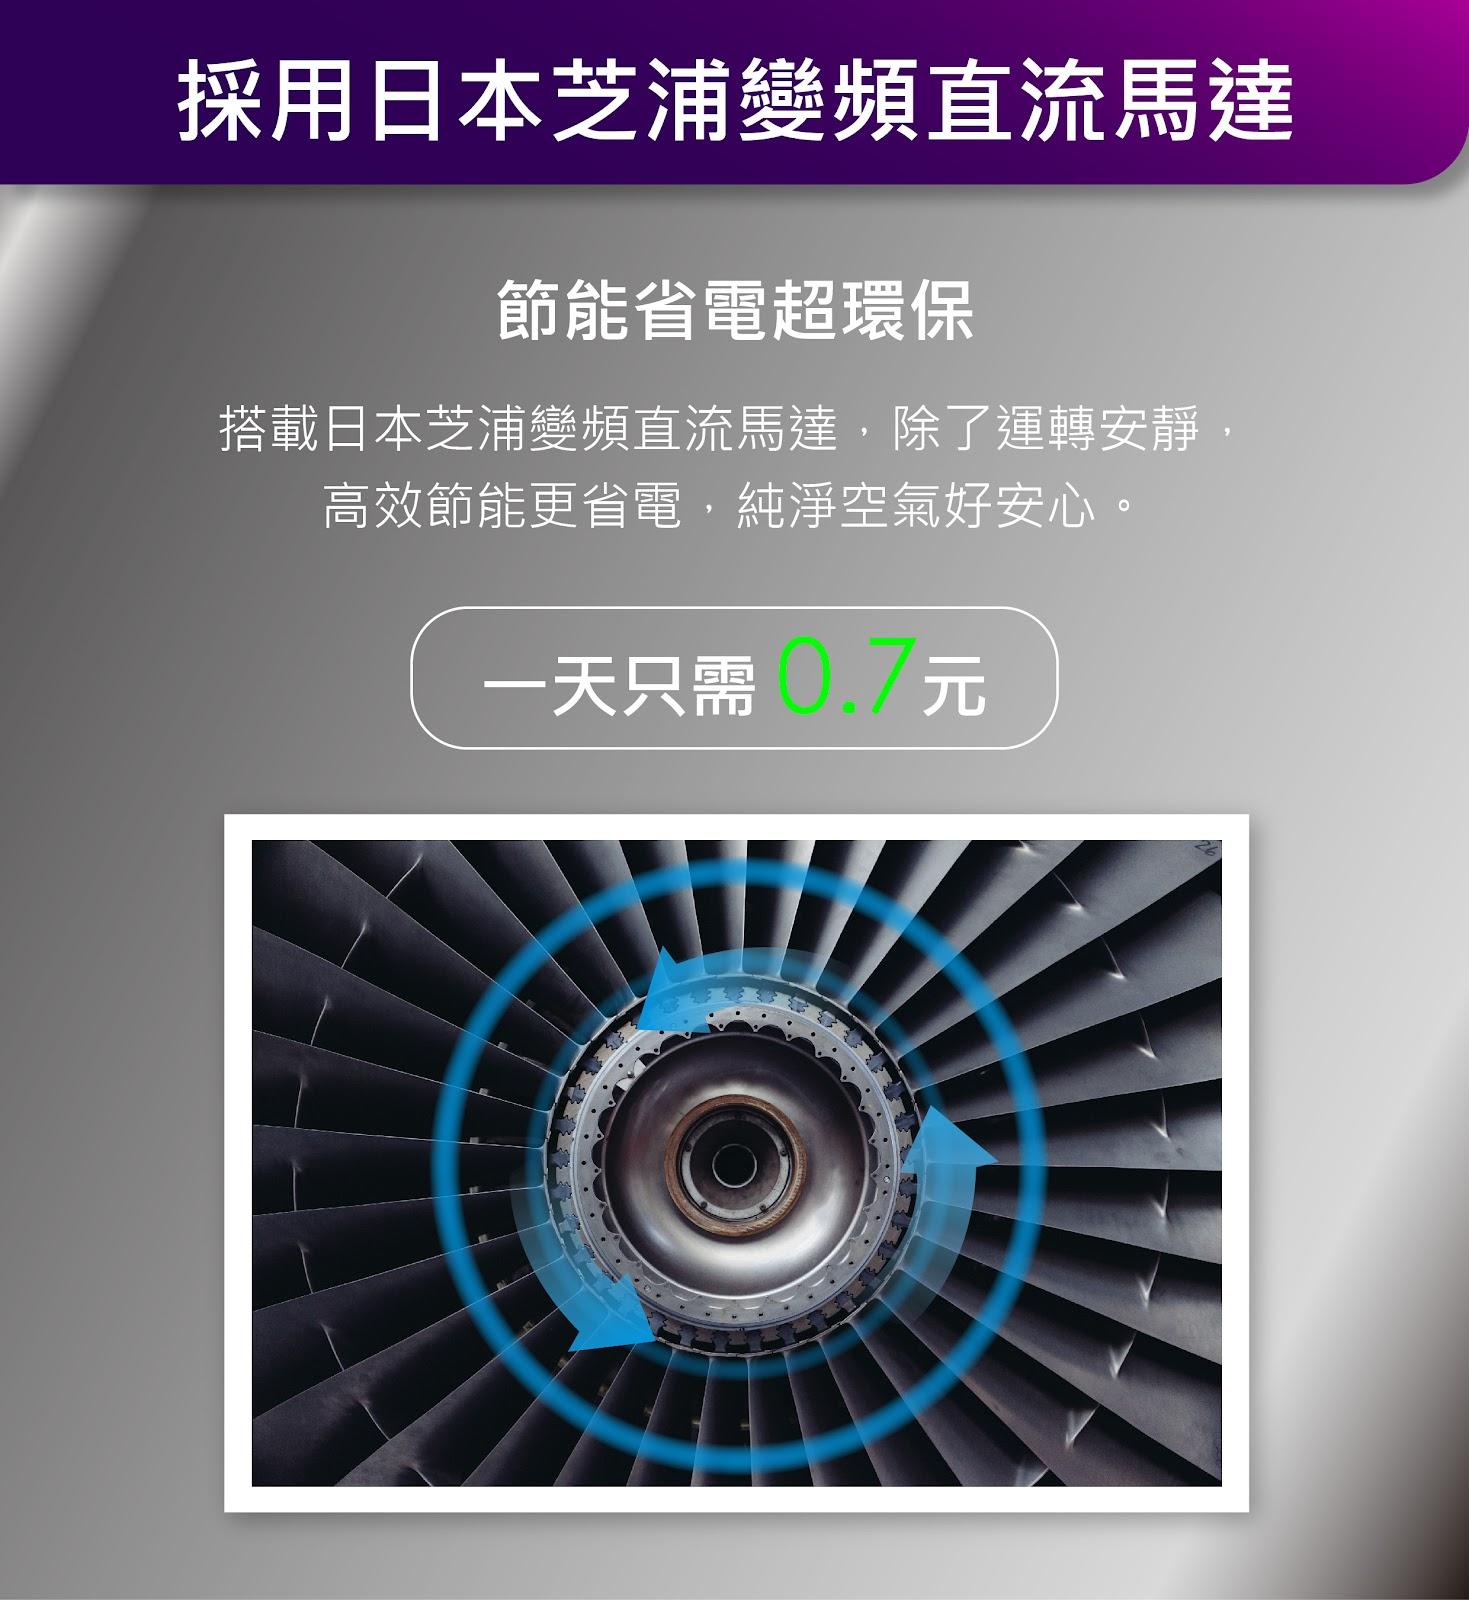 空氣清淨機推薦